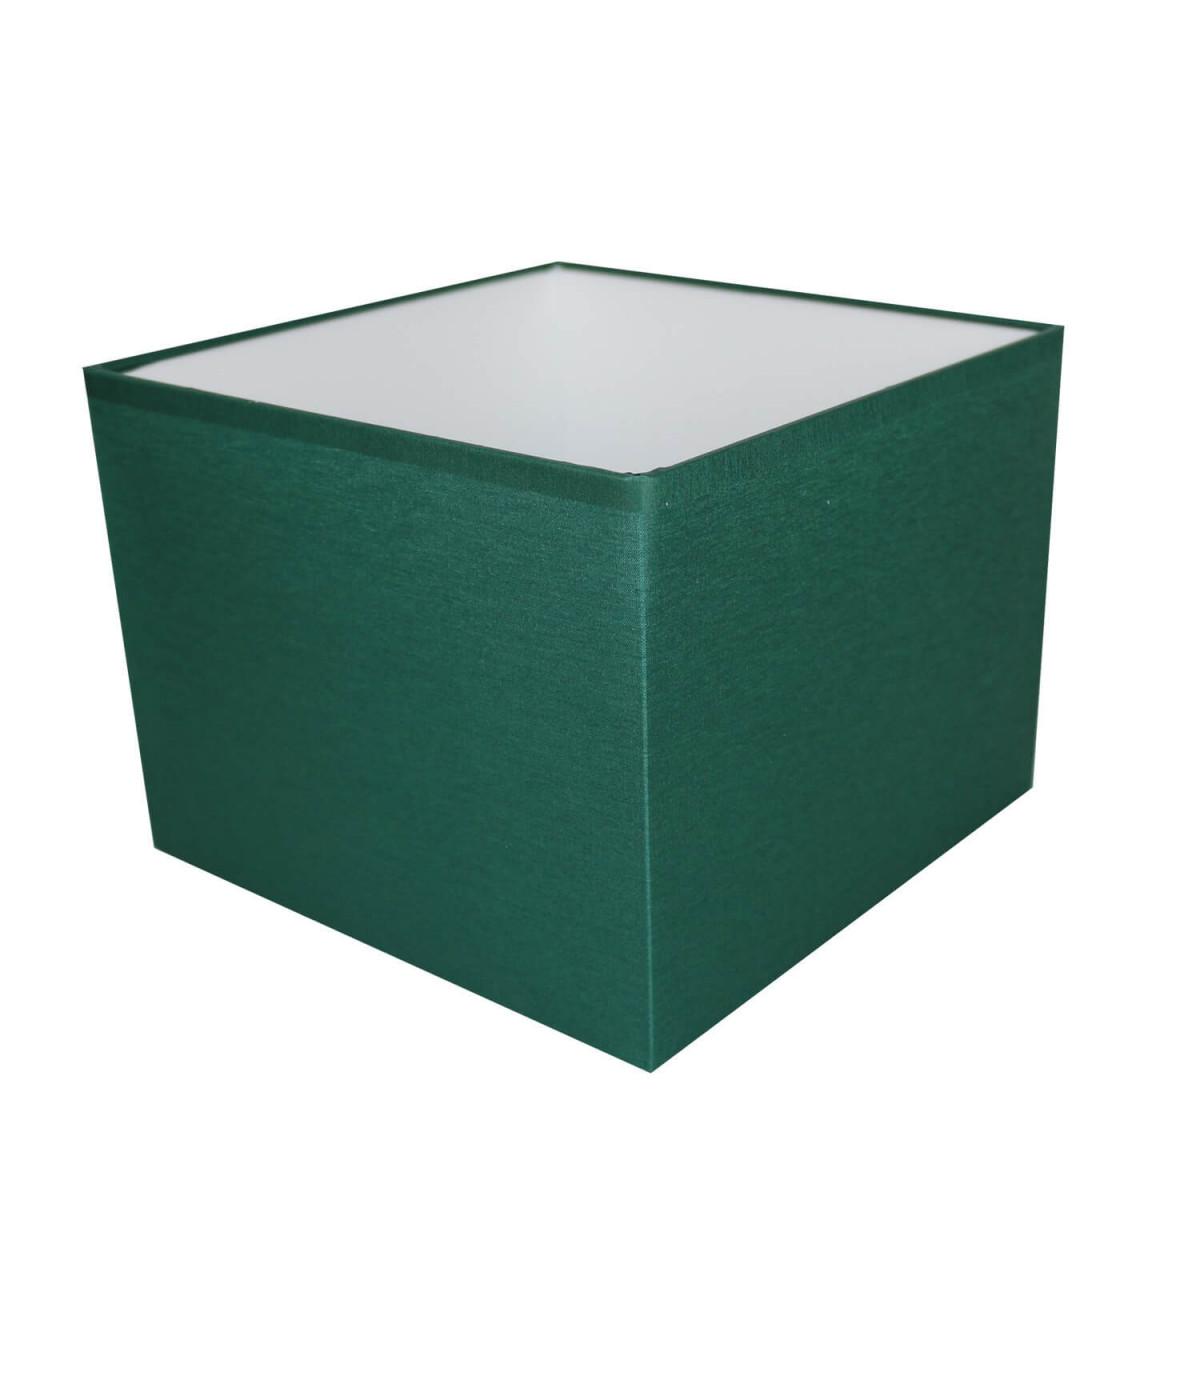 Abat-jour carré Vert empire